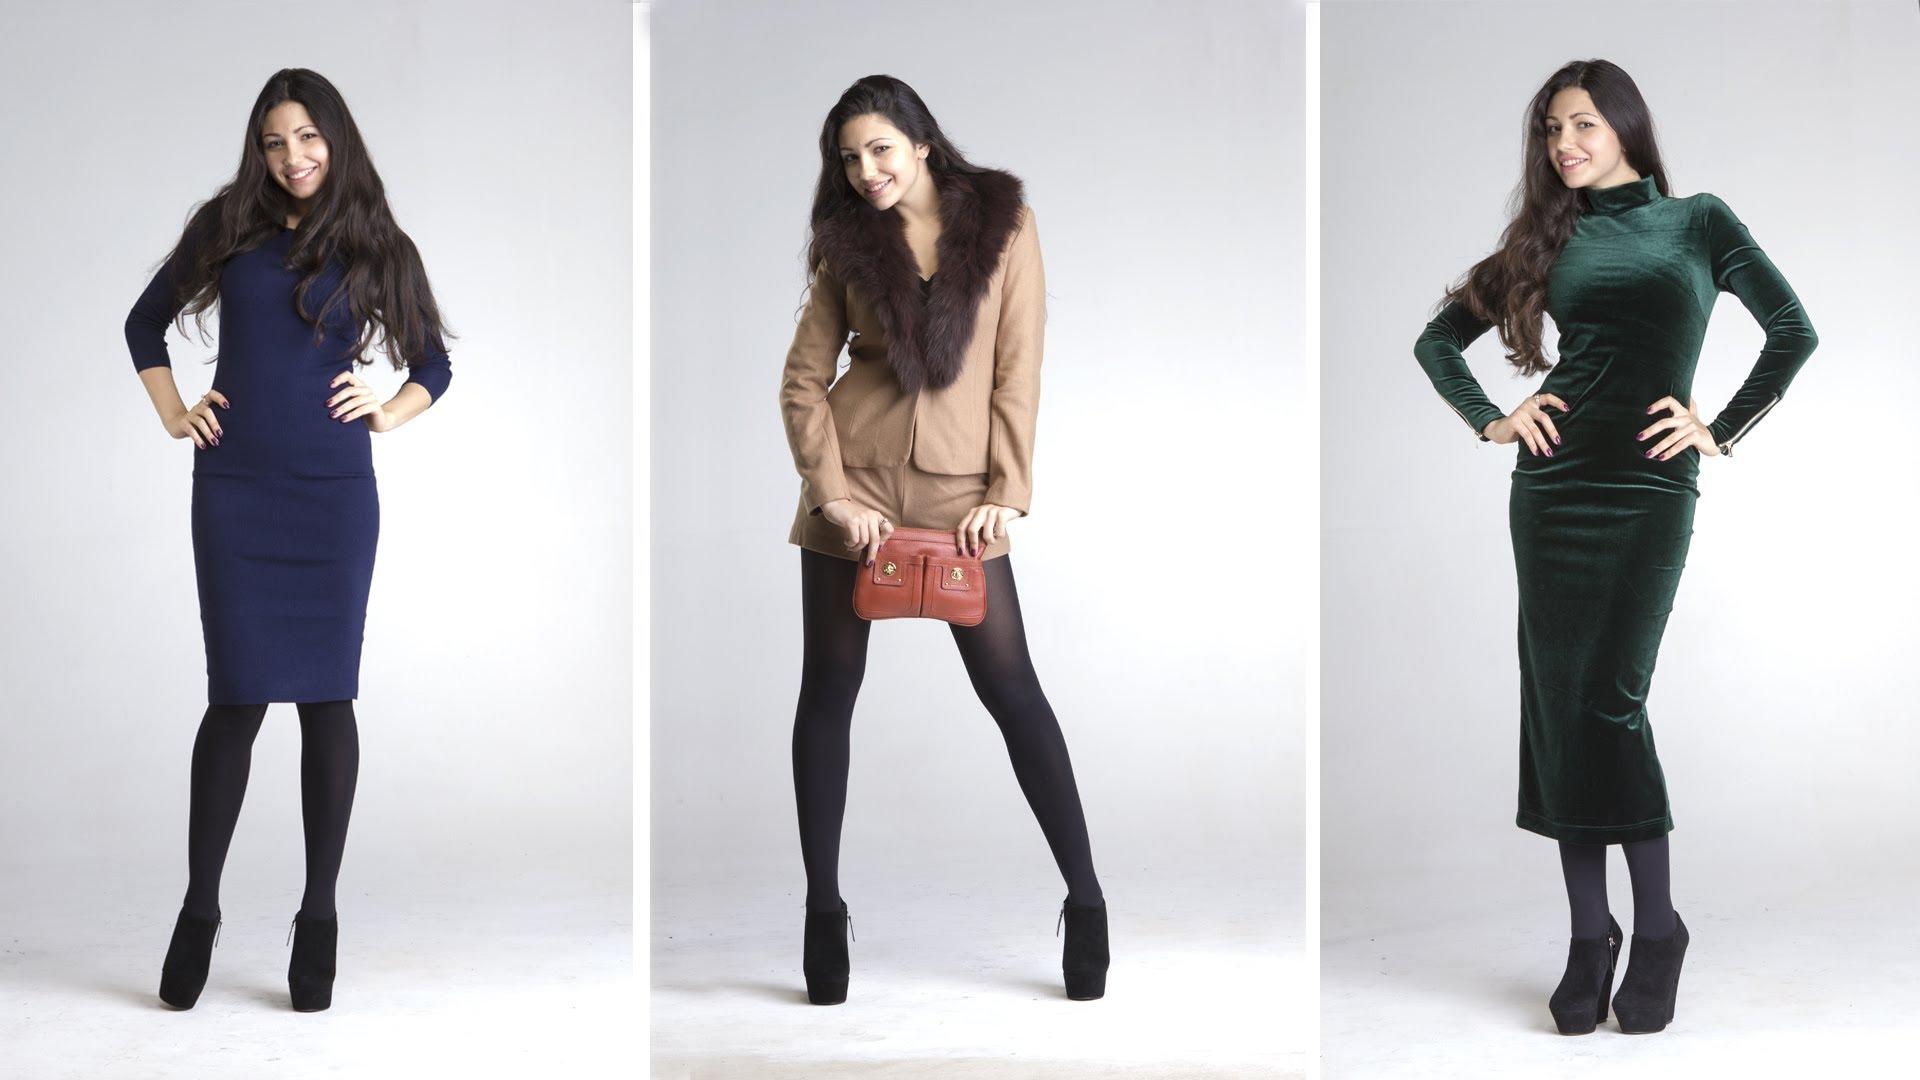 Модно одеваться зимой